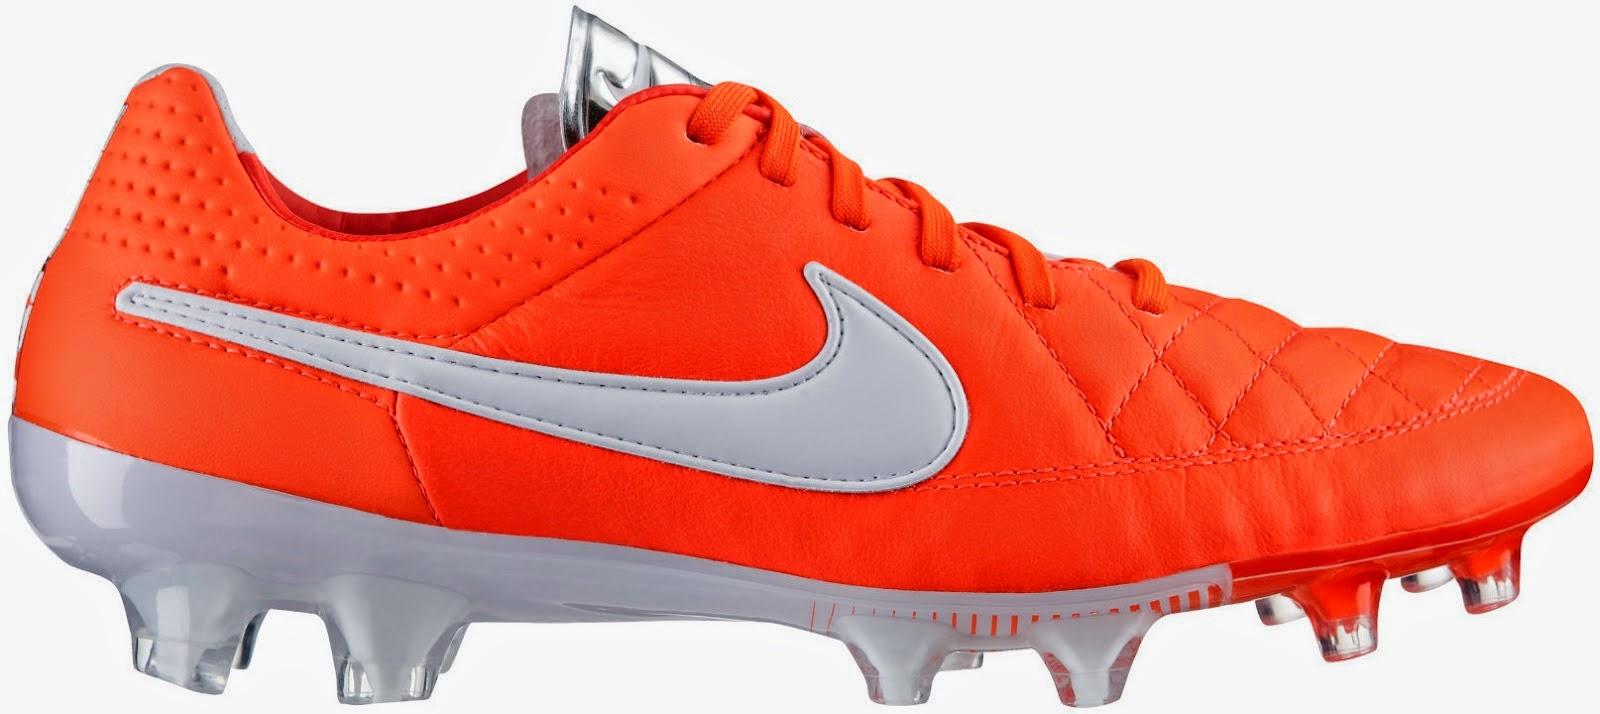 Nike Tiempo Legend V rojas y blancas 2014 84df9bfb13c98